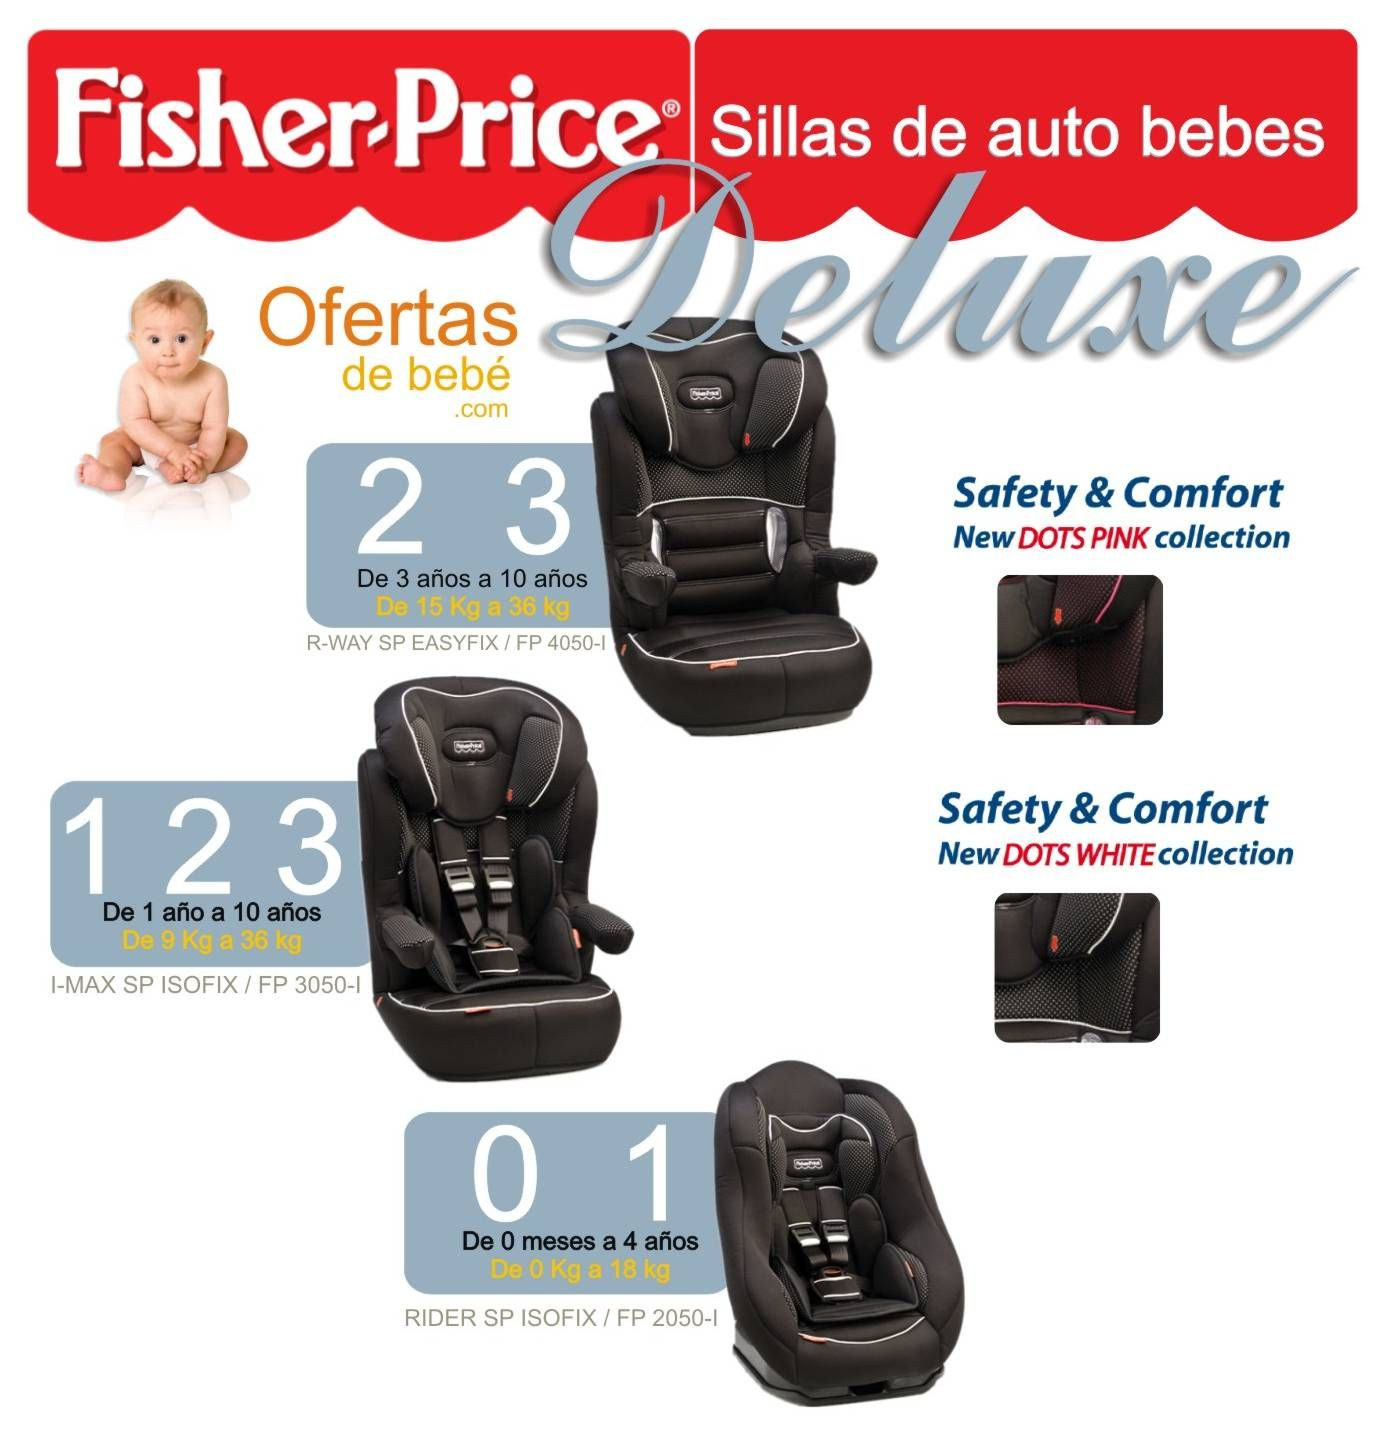 03 FISHER PRICE SILLAS AUTO DELUXE grupo 0 1 2 3 comprar